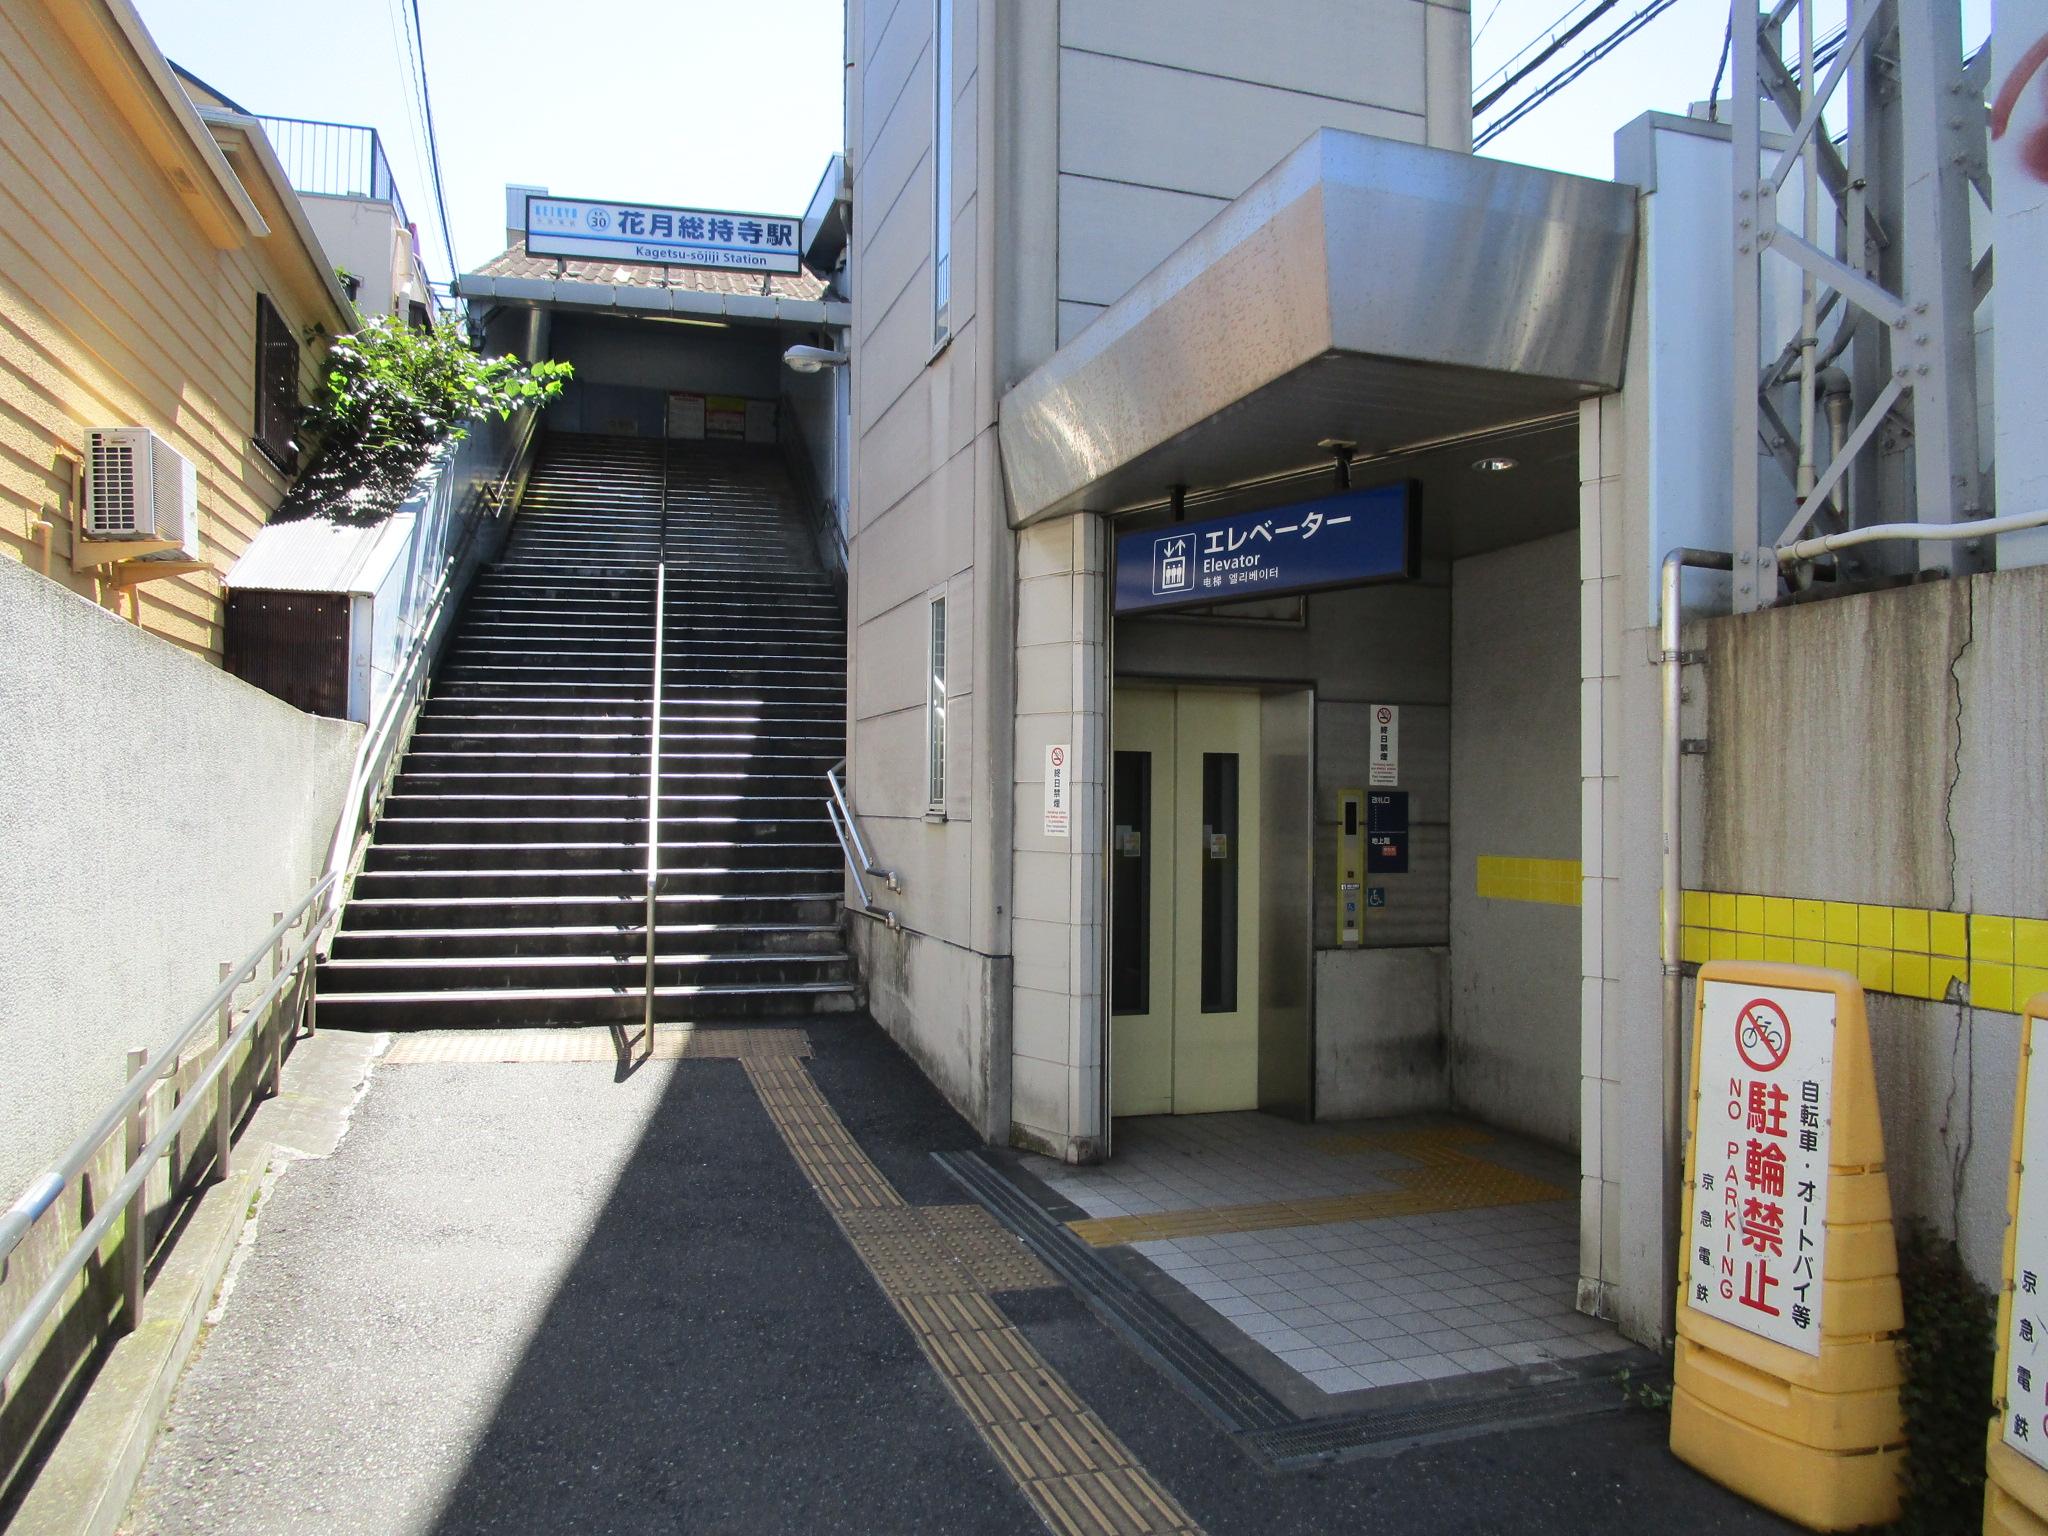 京急線 花月総持寺駅駅前(周辺)